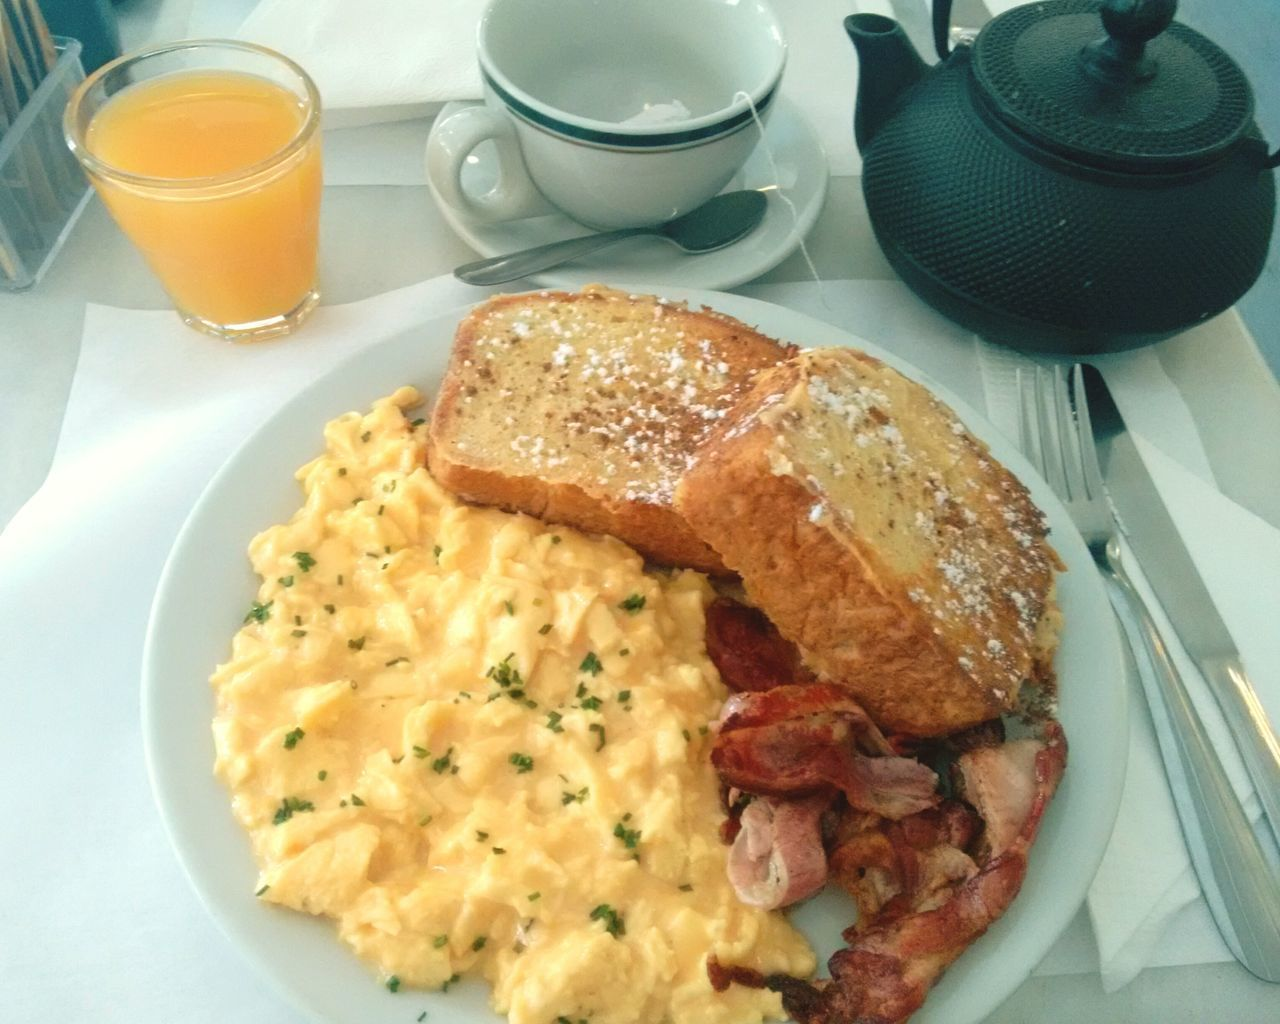 Breakfast Coffee Argentina Buenosaires Villacrespo Desayuno Cafe Tea